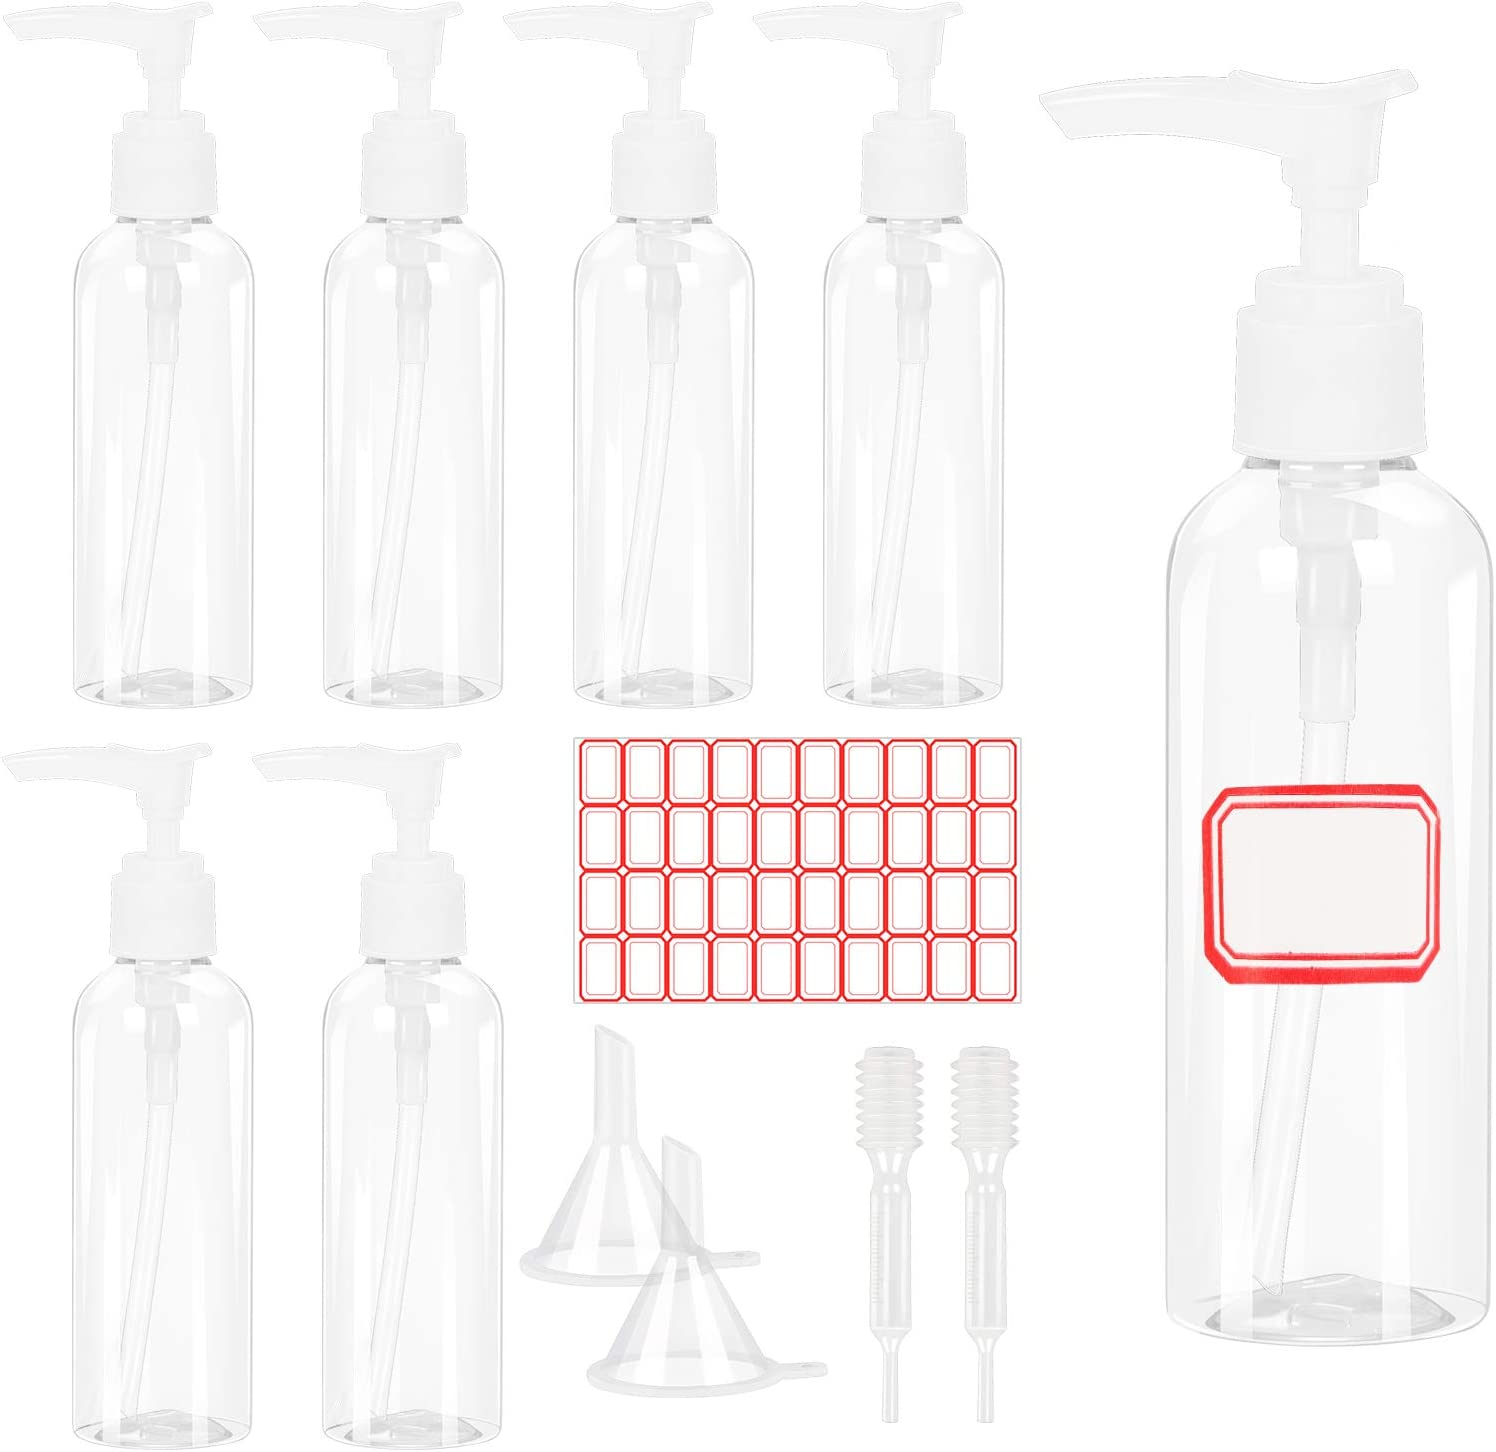 Botes Plastico Viaje, LANMOK 7pcs Botella de Bomba de Loción 100ml Botella de Spray Portátil Envase de Loción Contenedor Líquidos Avion Envases Vacios para Cosmetica